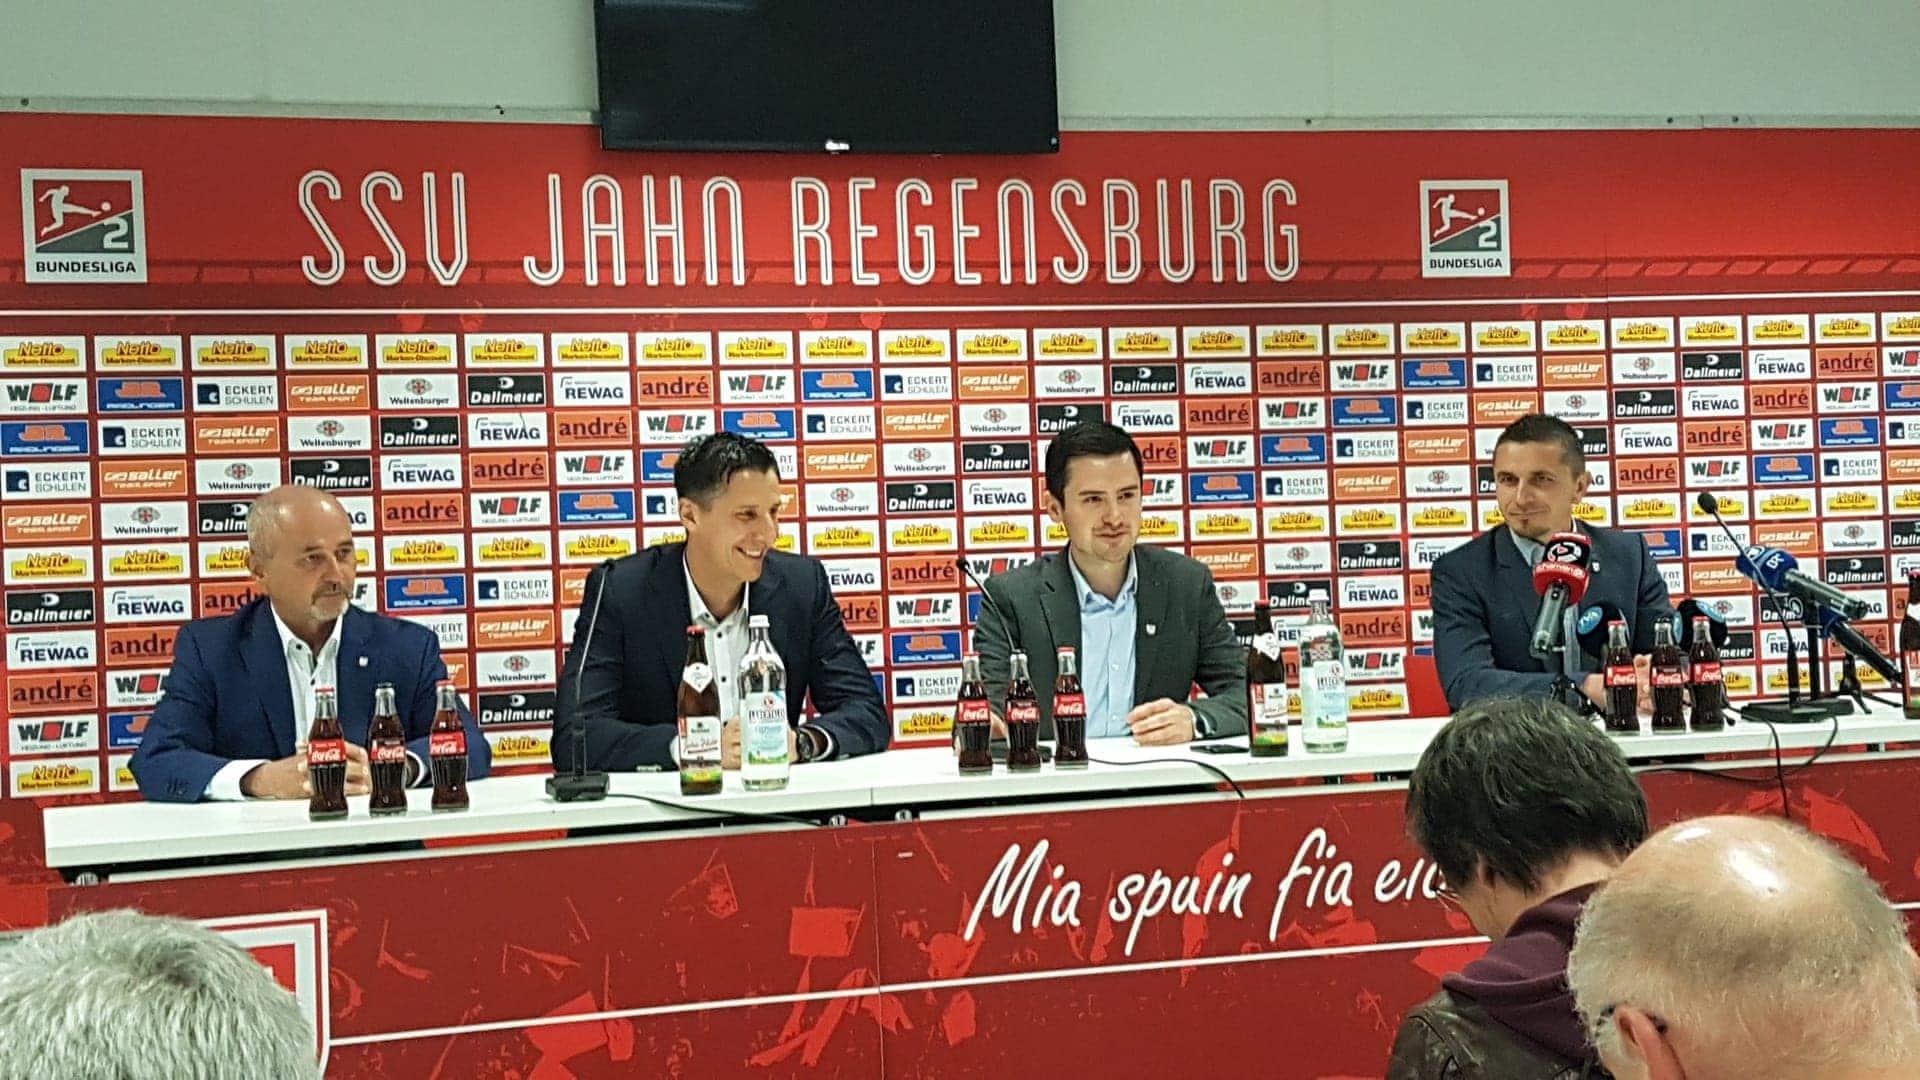 Vertrag des Beierlorzer Nachfolgers läuft bis 30.06.2021 SSV Jahn Regensburg geht mit Chef-Trainer Mersad Selimbegovic in die Saison 2019/20